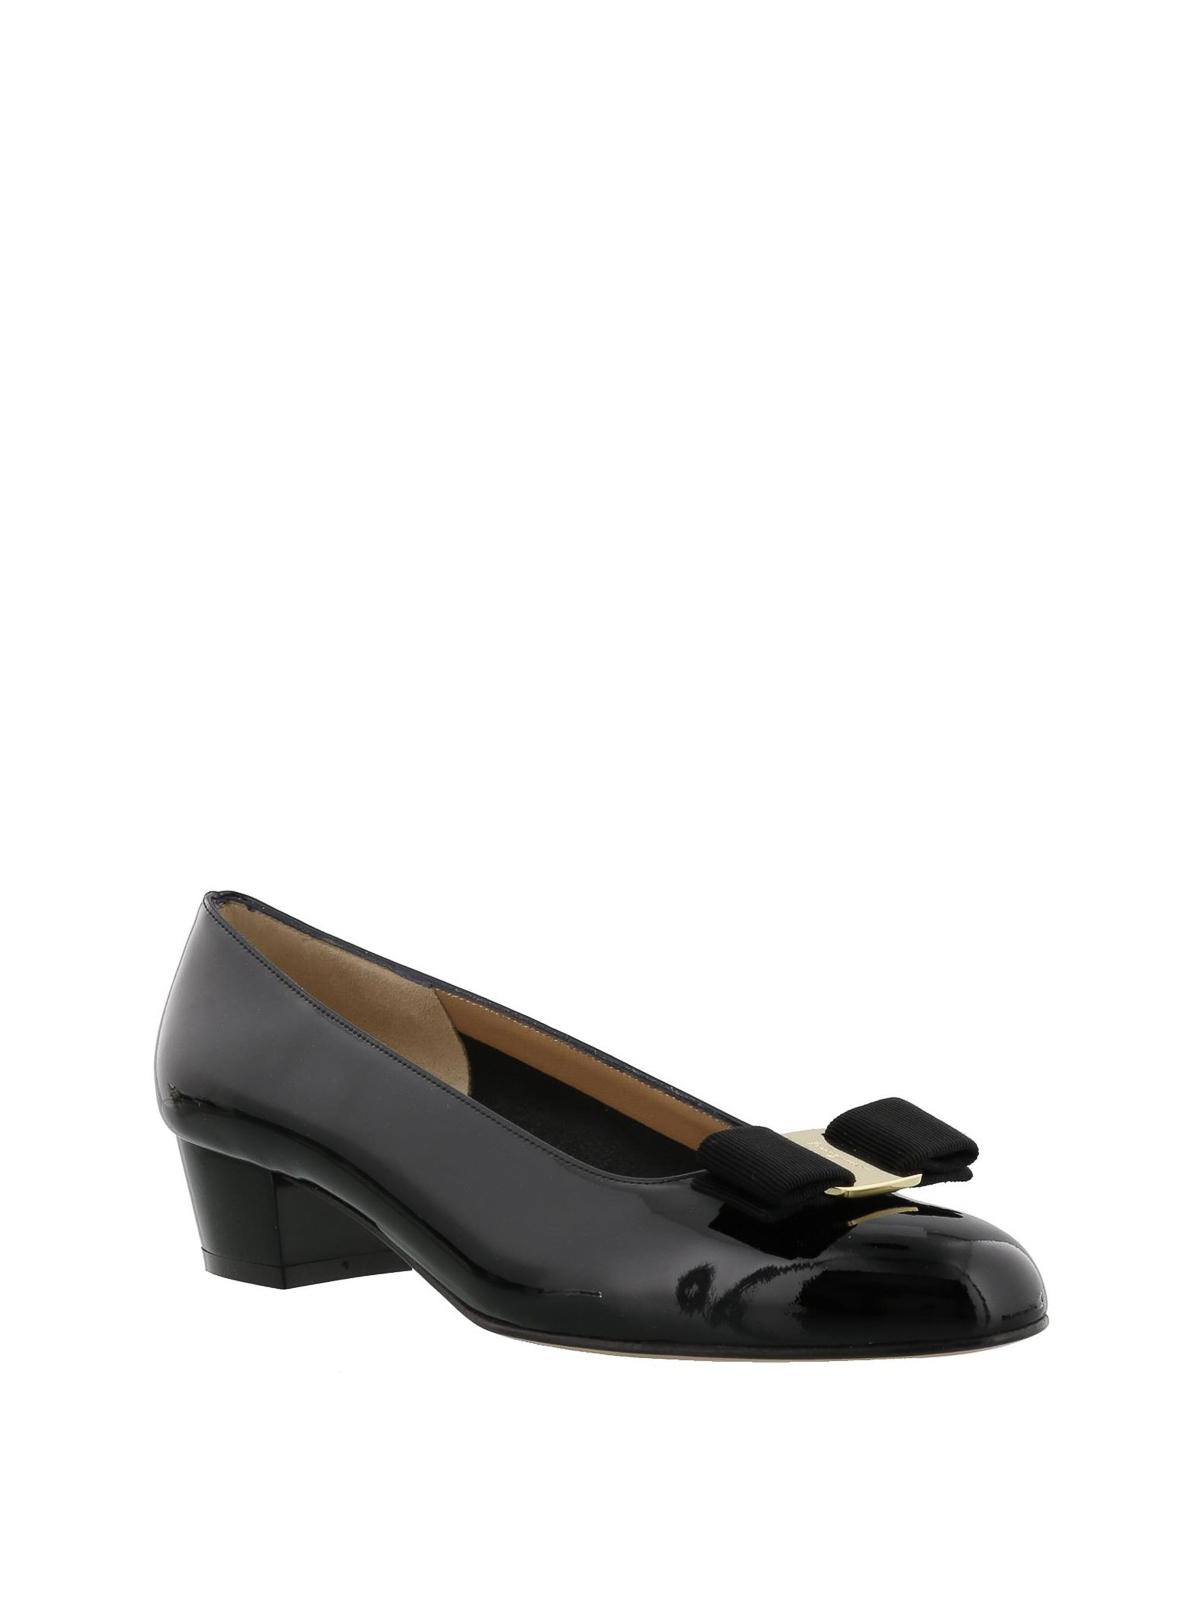 Corneliani Shoes Online Shop